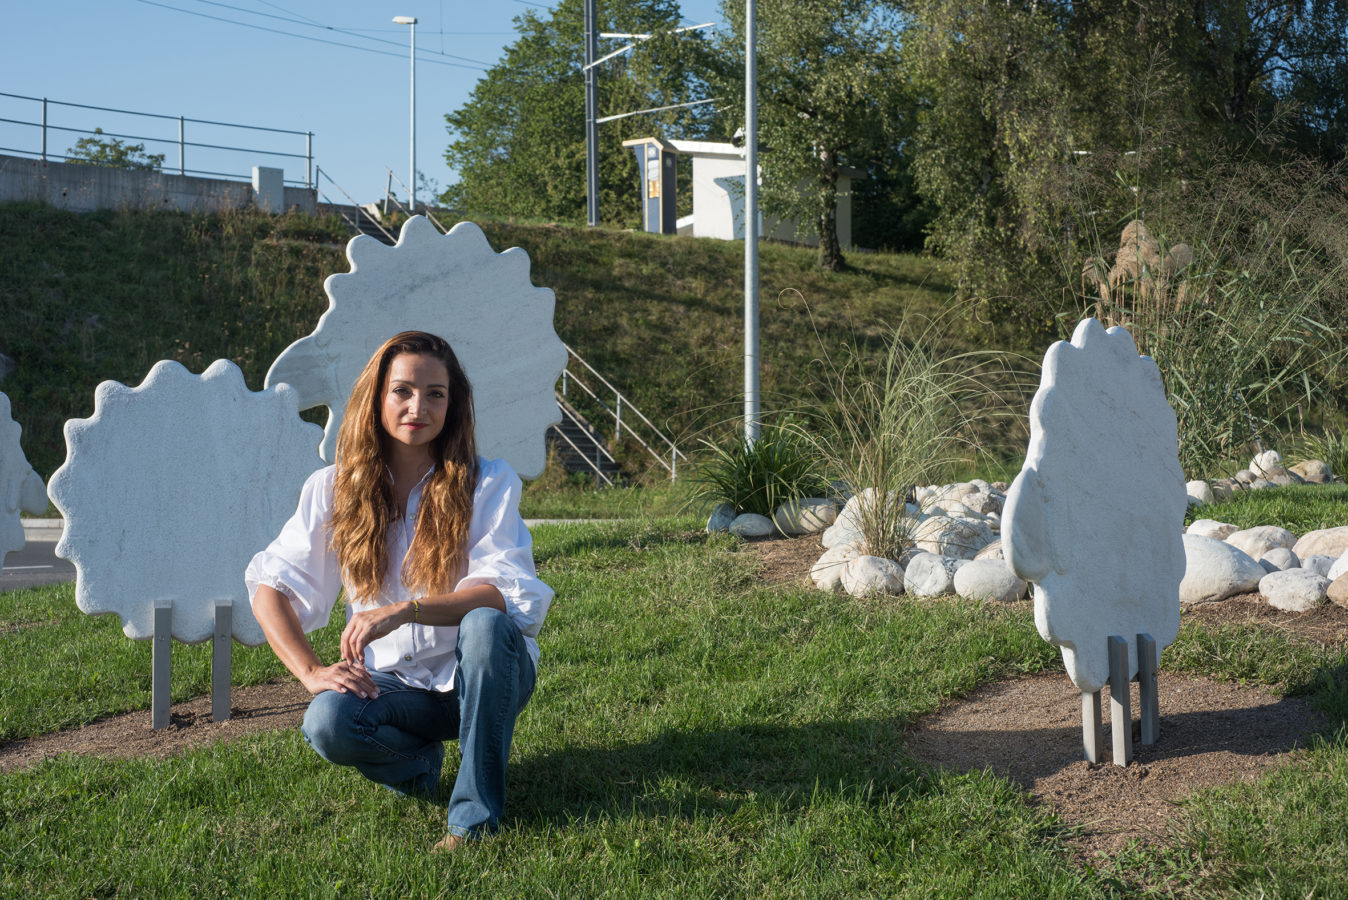 « Dessine-moi un mouton », une œuvre en marbre précieux s'est implantée à St-Légier